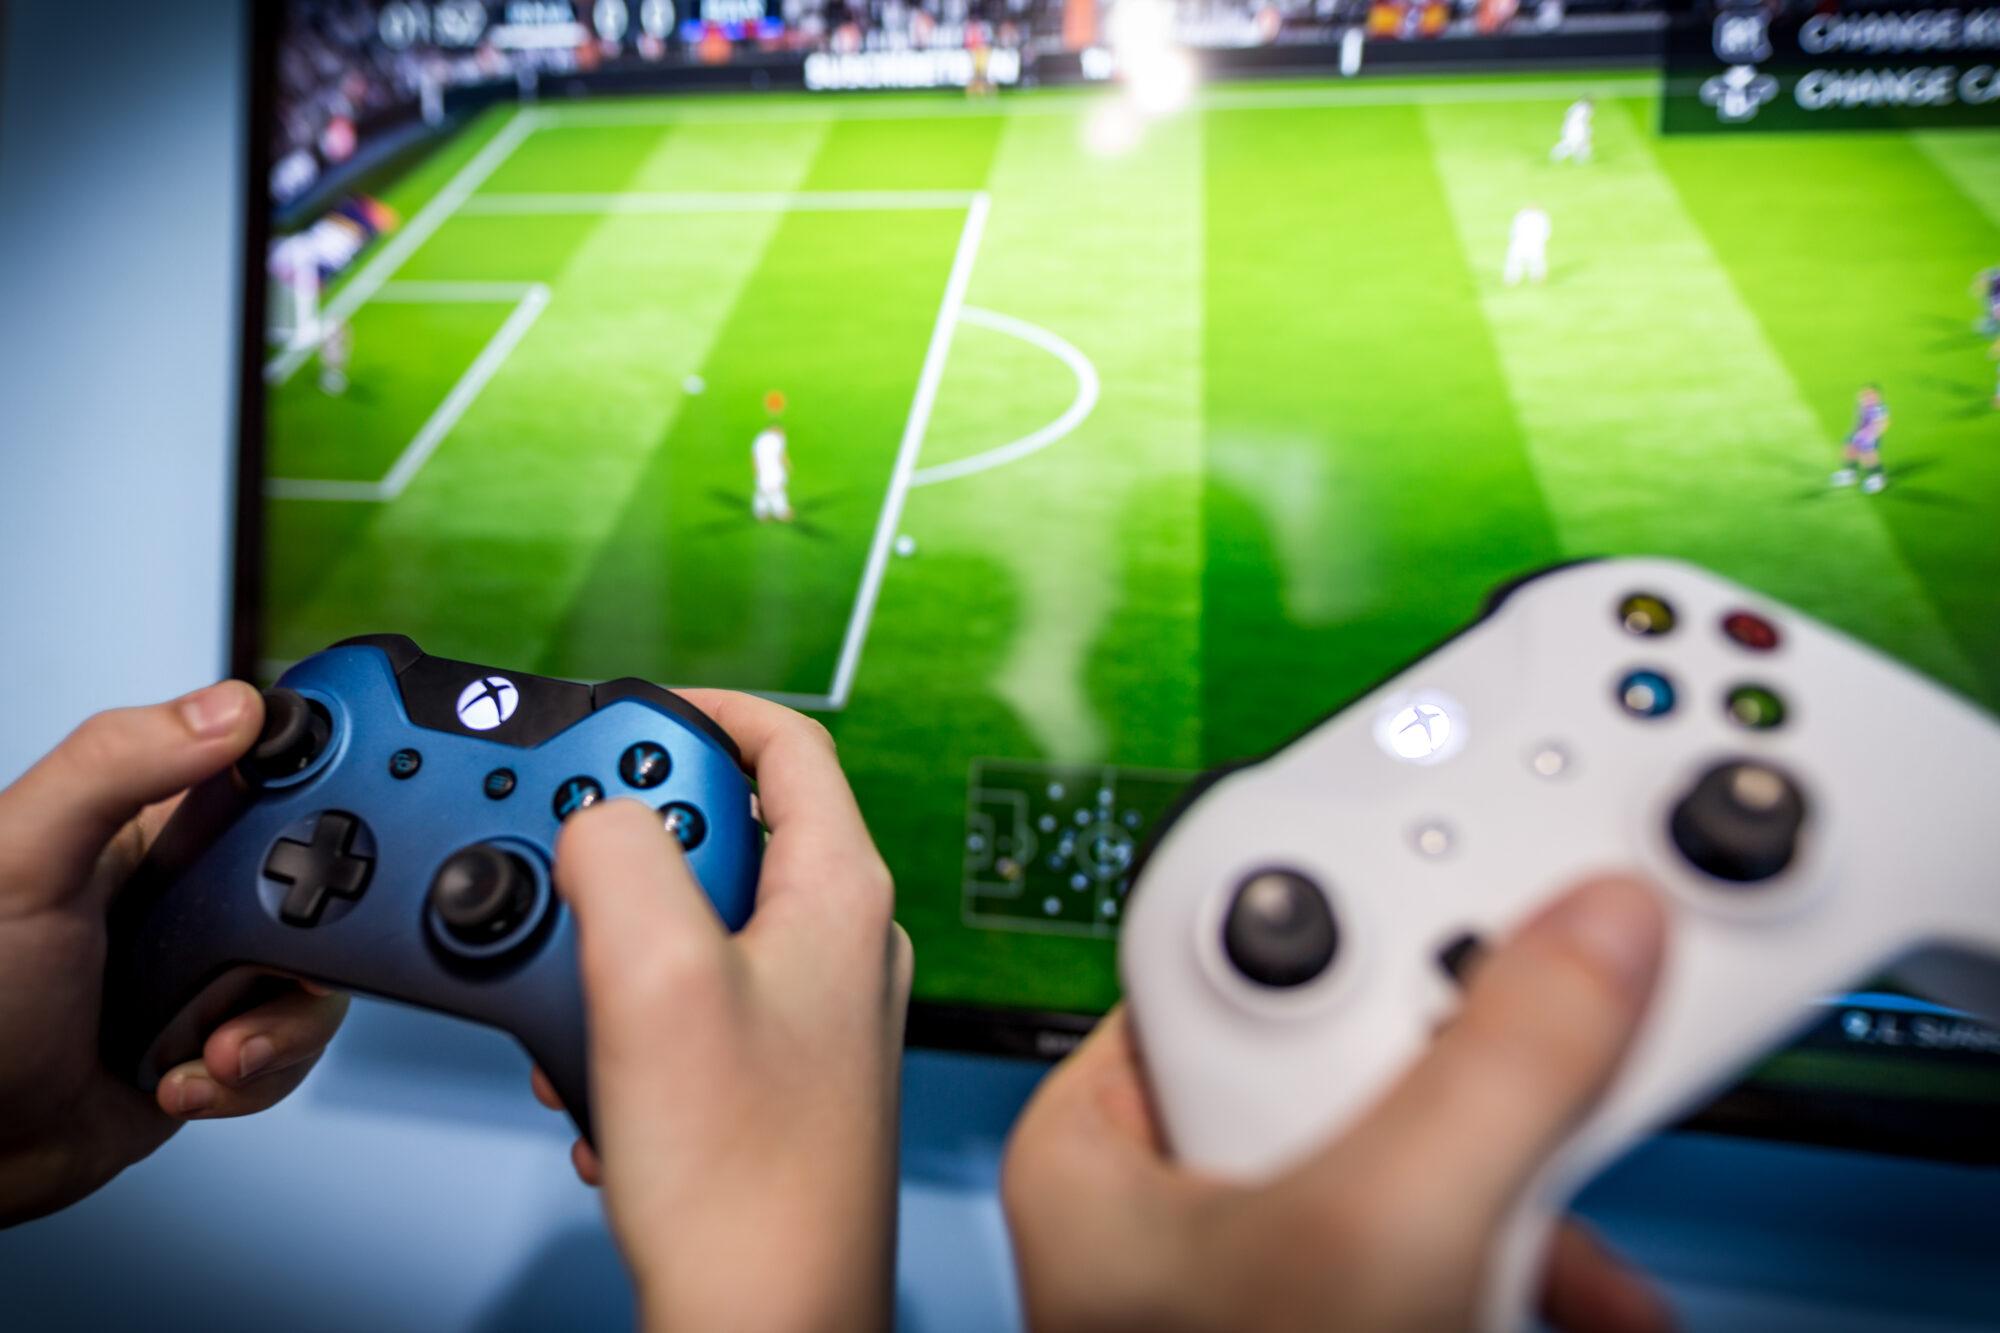 Stedendriehoek FIFA21 toernooi in voorjaarsvakantie